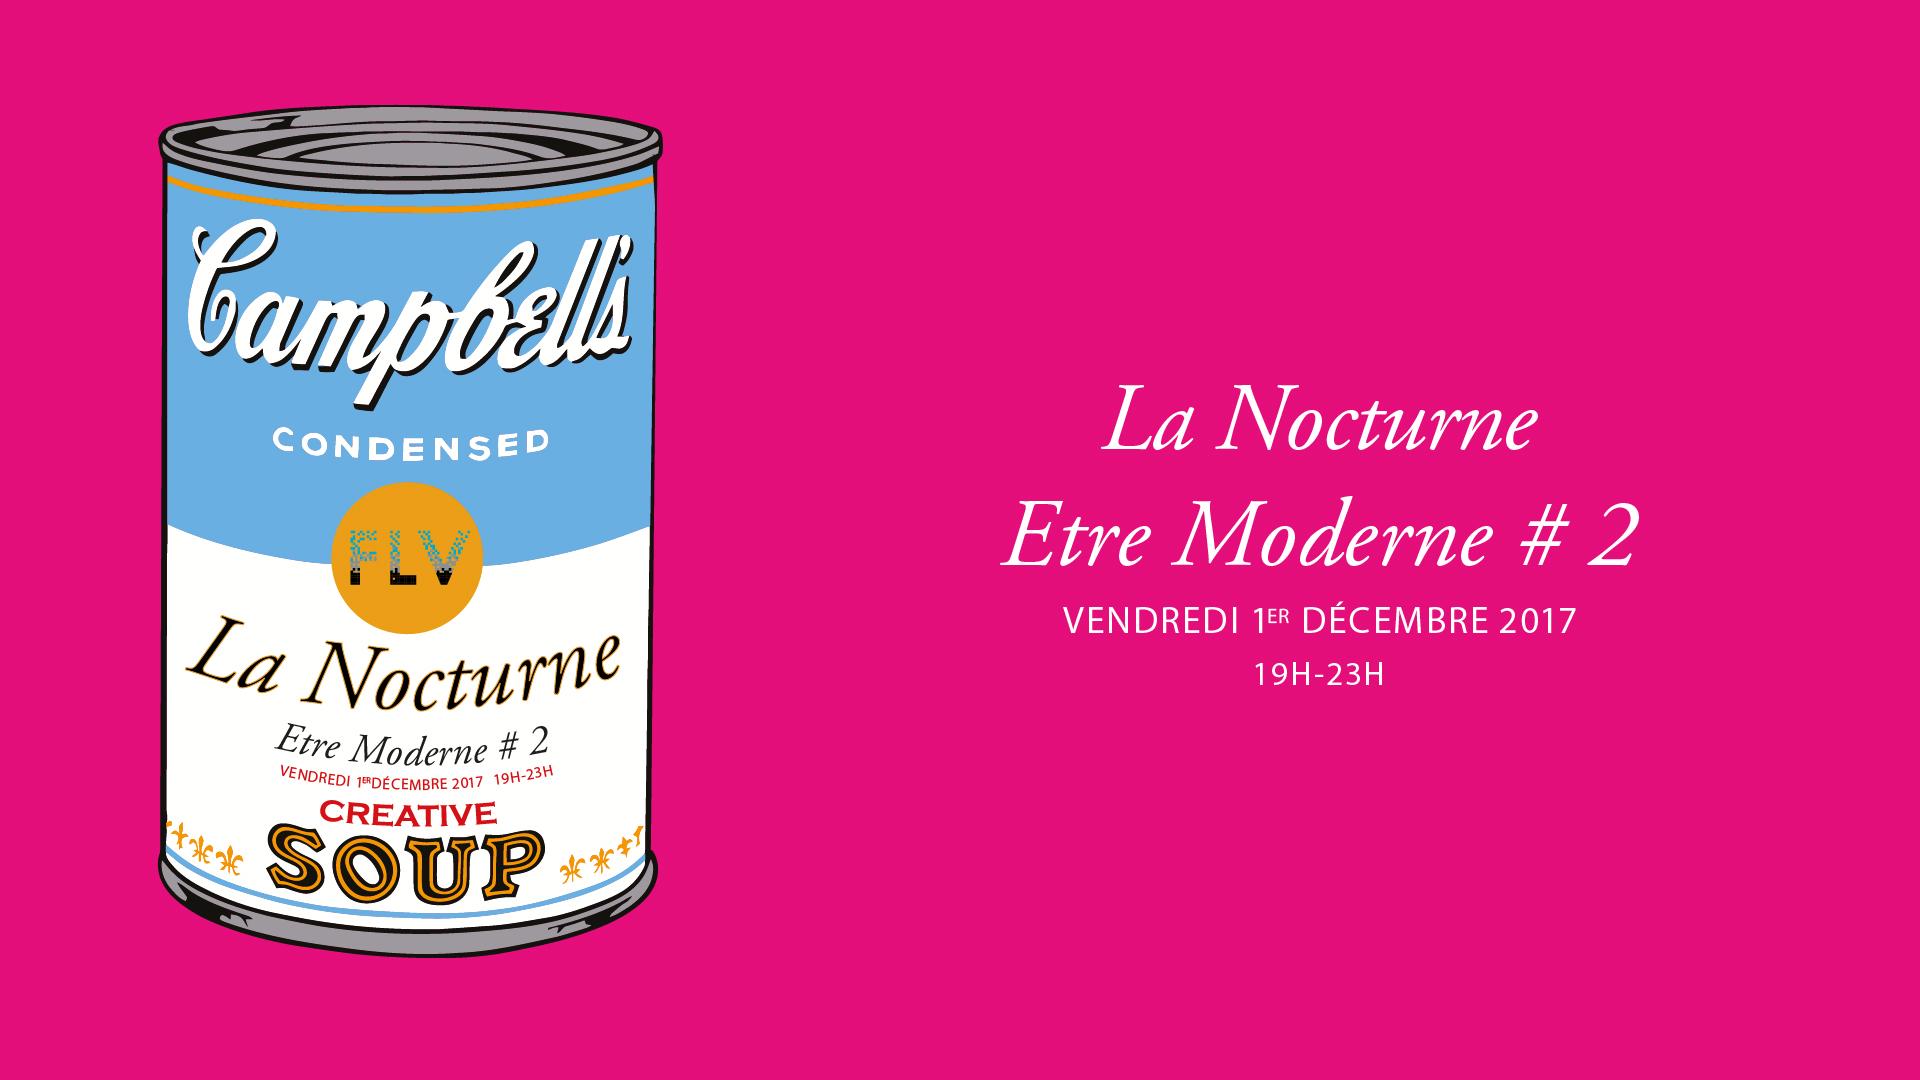 Fondation Louis Vuitton - La Nocturne Etre Moderne #2 - Vendredi 1er décembre 2017 19h-23h